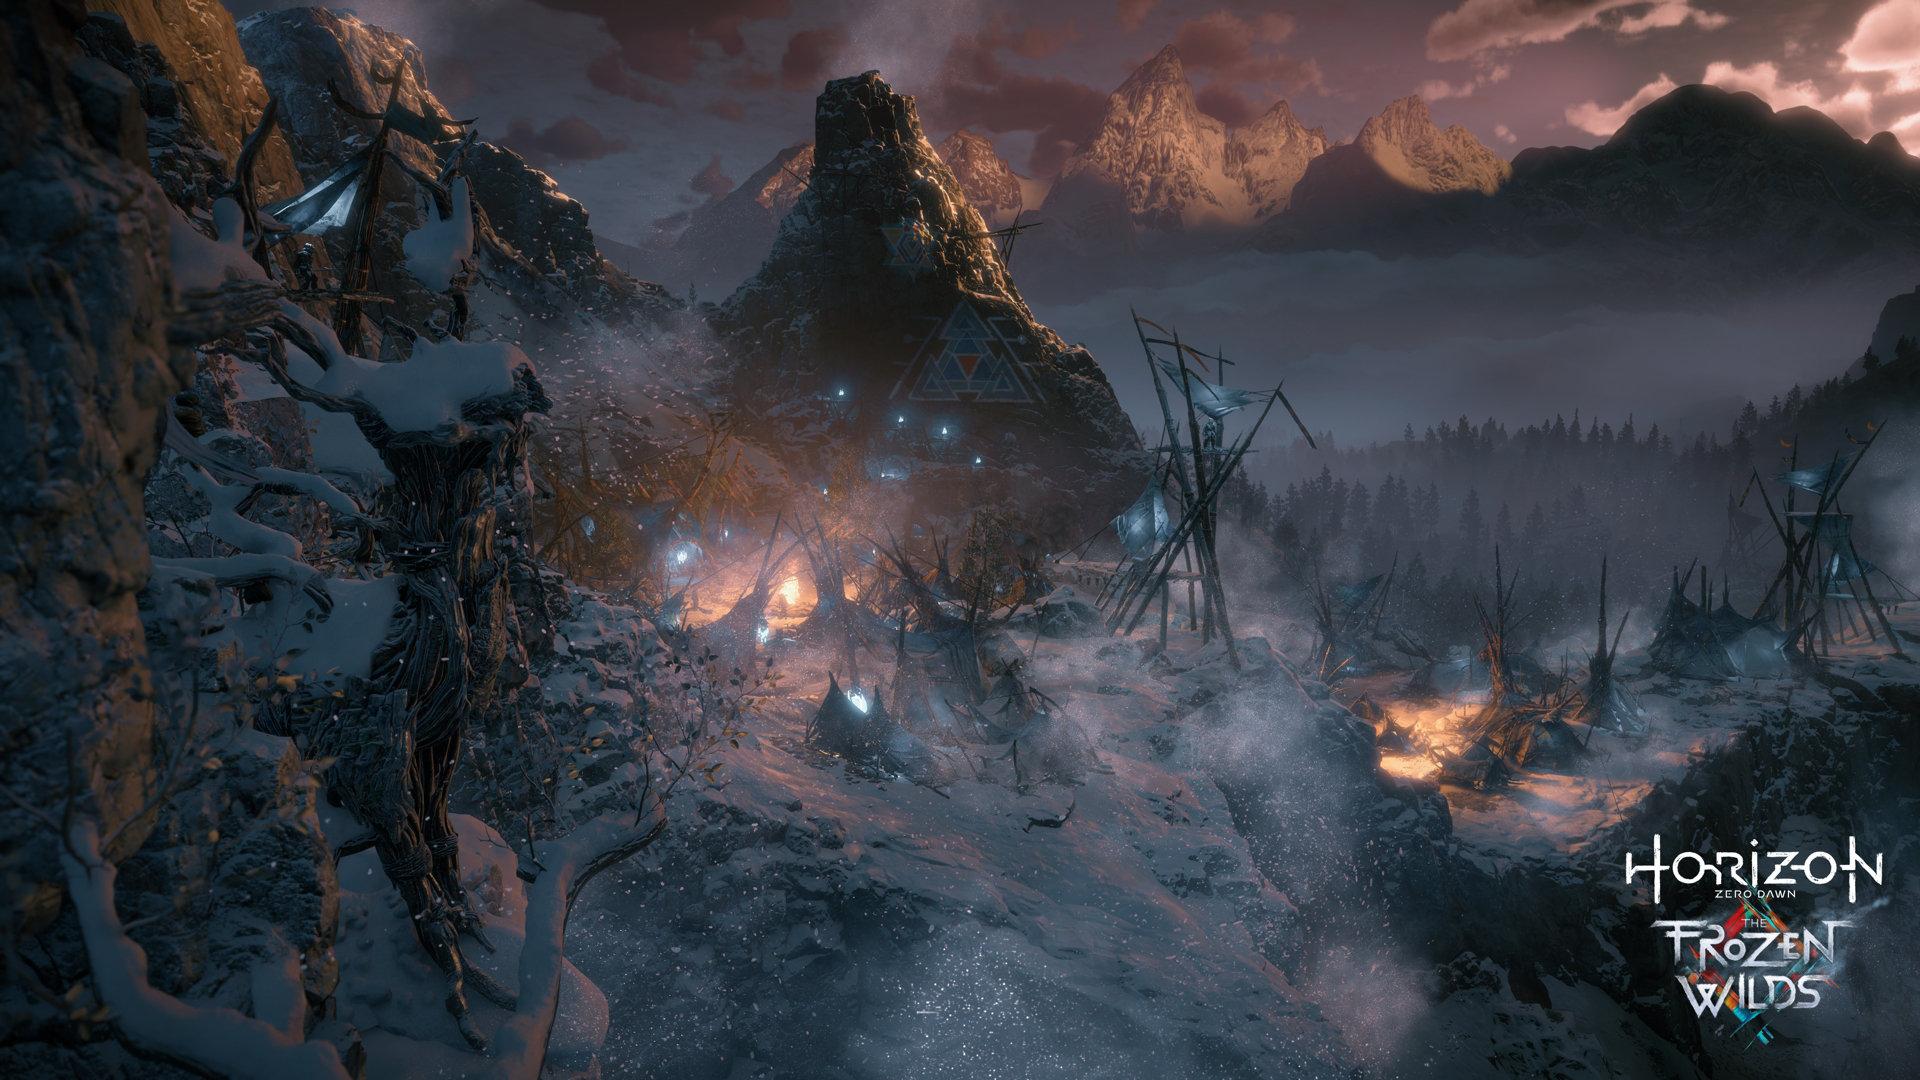 La toundra et les monts enneigés du nord sont les environnements de l'extensionThe Frozen Wilds